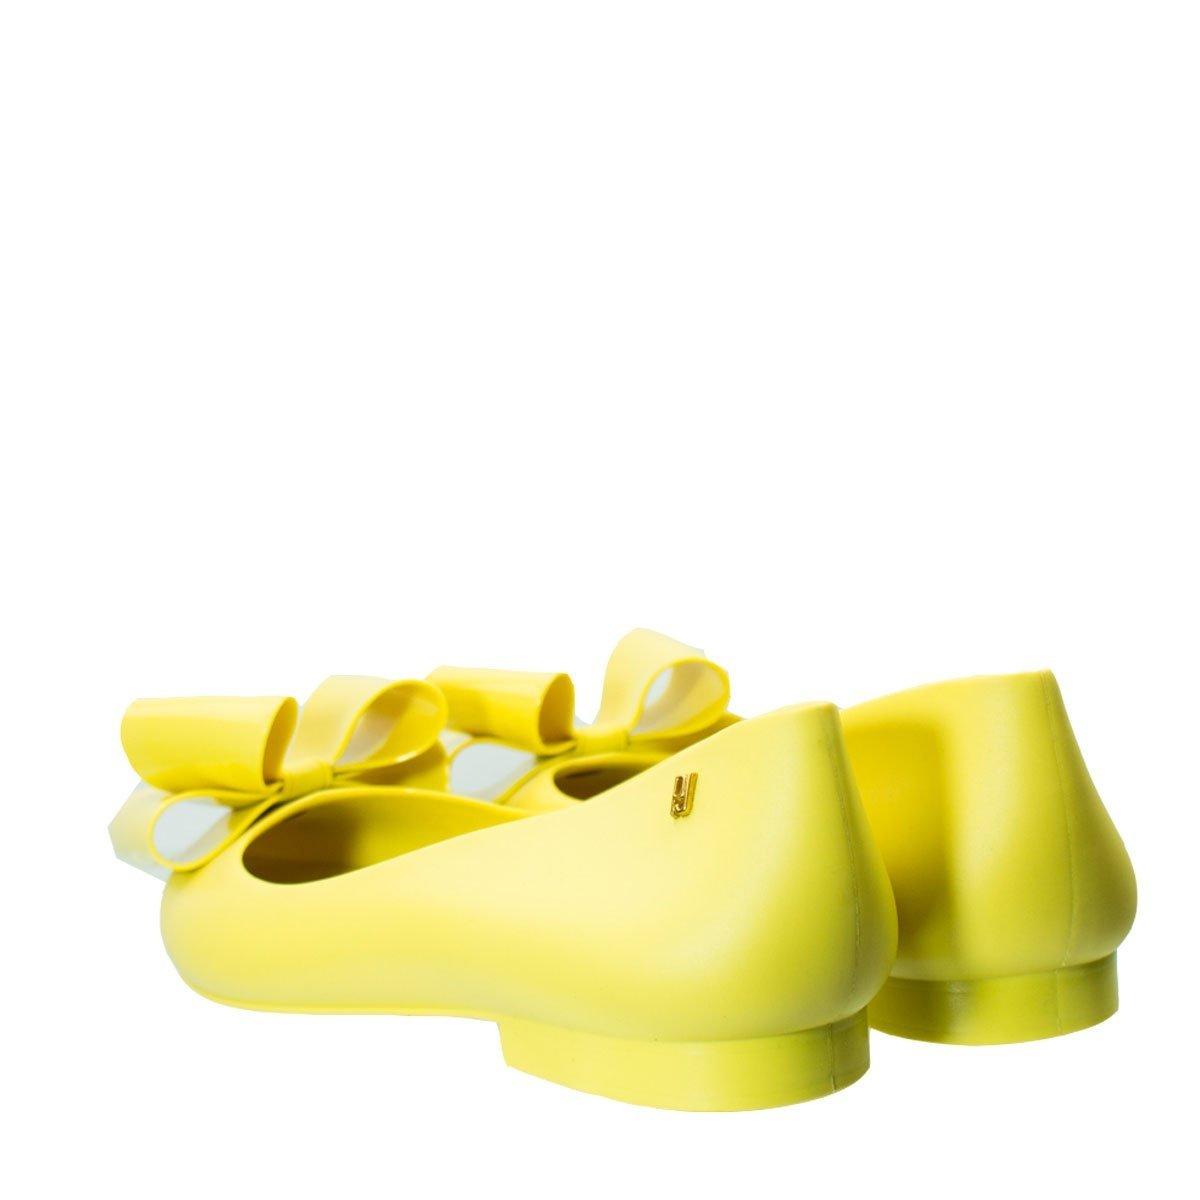 Jolie J Lastic Sapatilha Petite Petite Jolie PVC Amarelo Sapatilha wpqqIPBfx